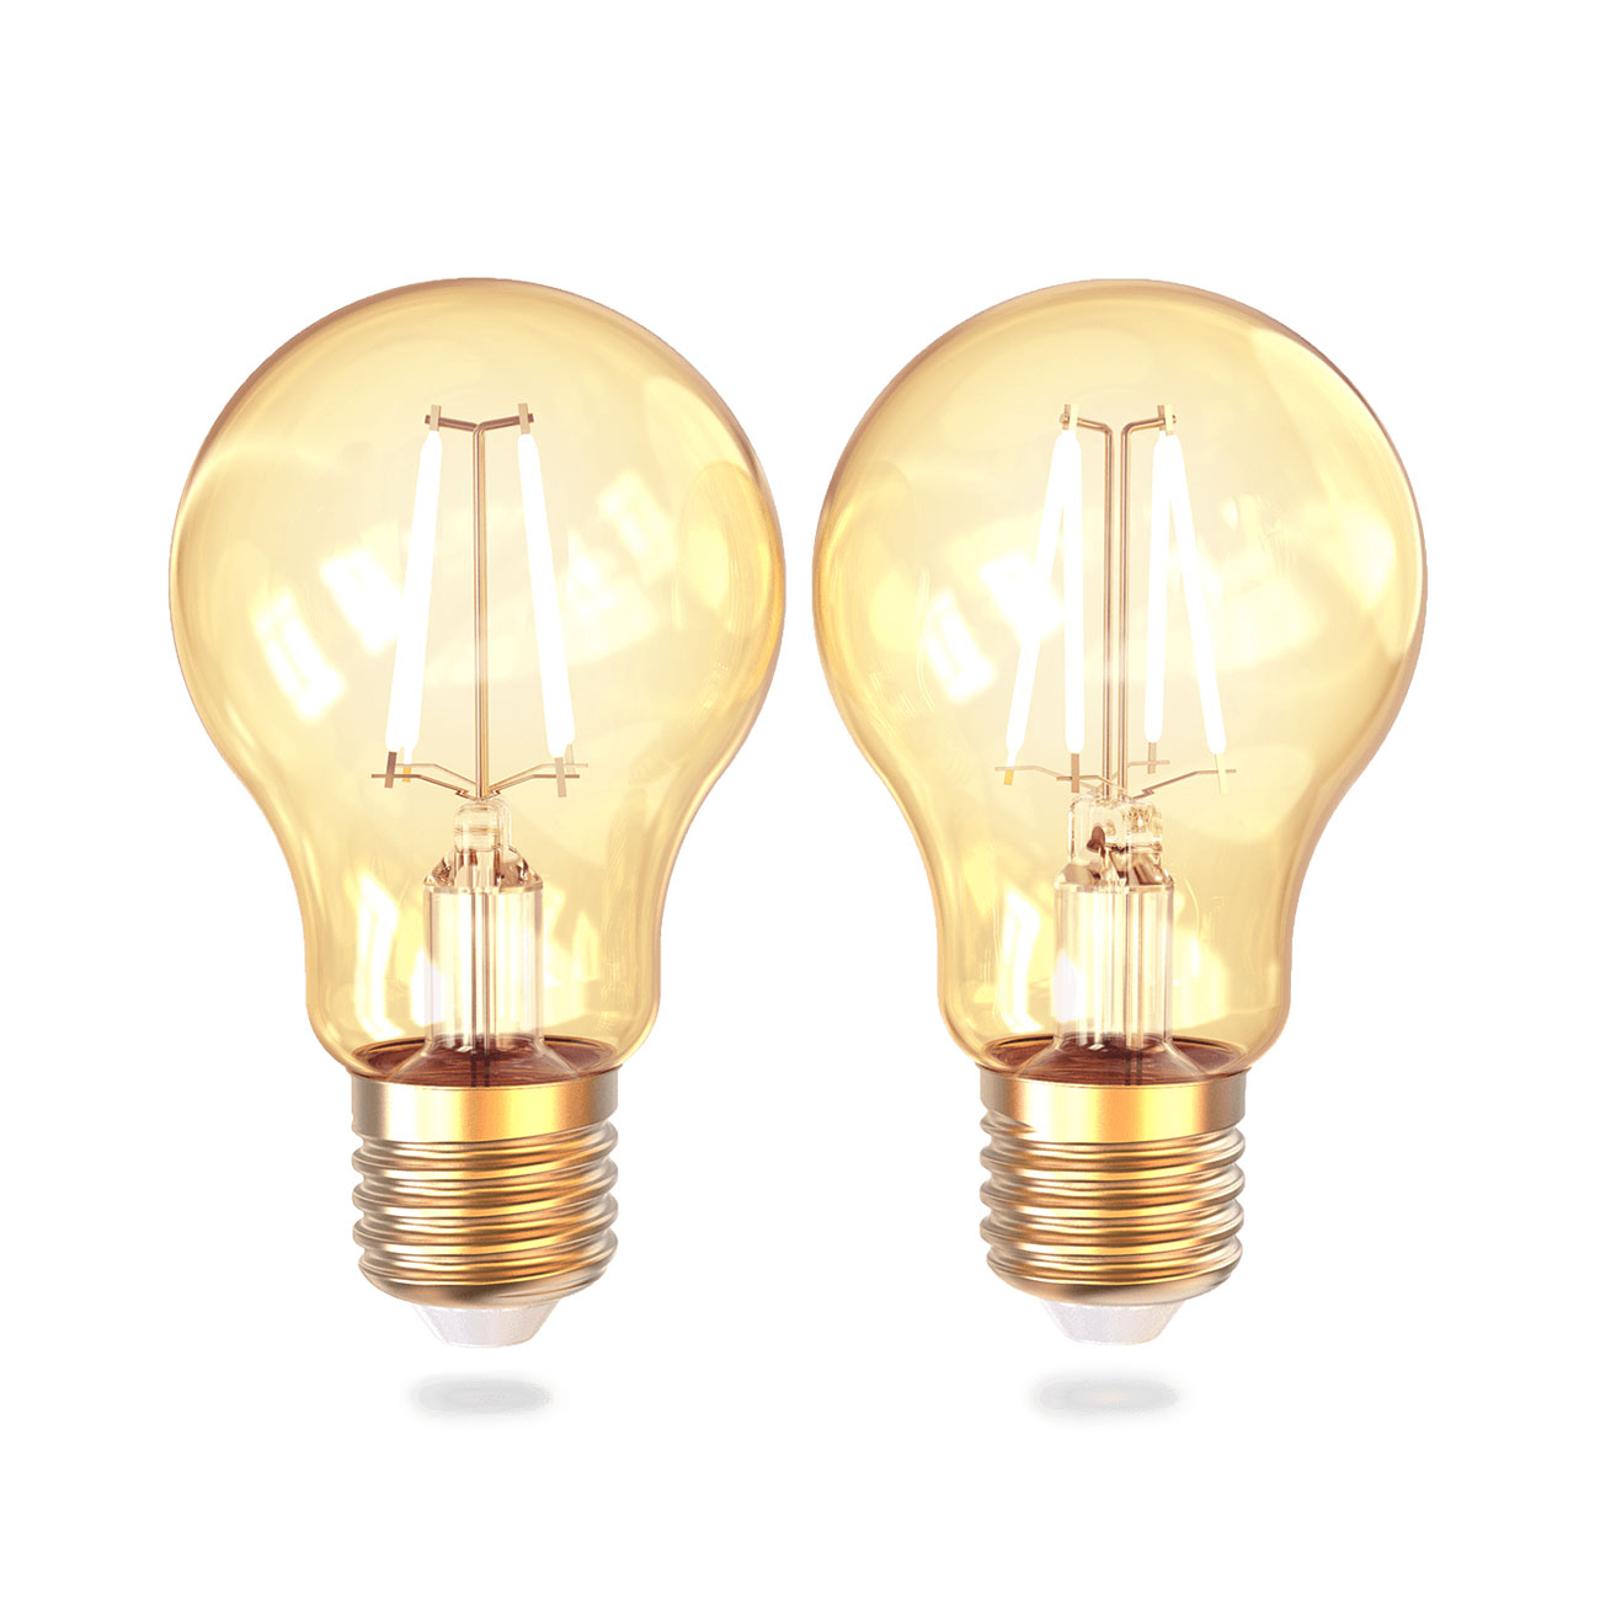 Innr LED-Lampe WiFi Bulb E27 4,5W 822 350lm 2er